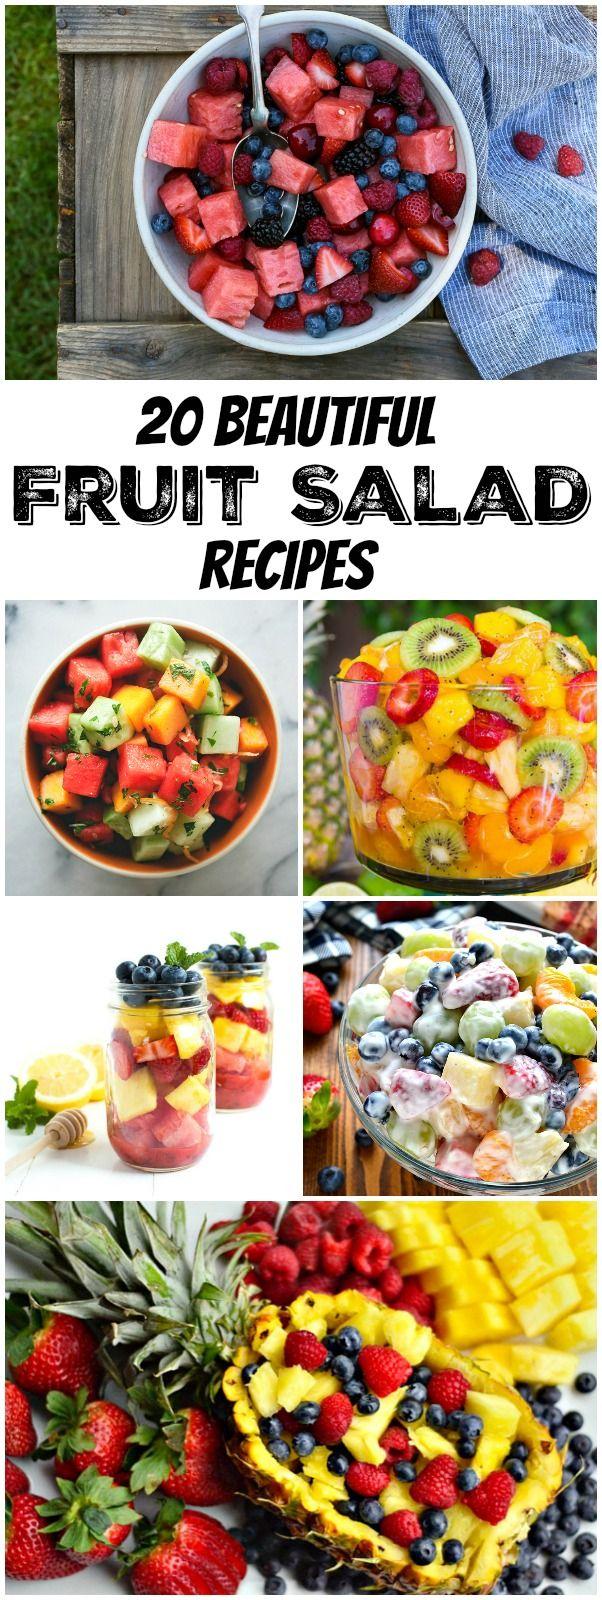 20 Beautiful Fruit Salad Recipes